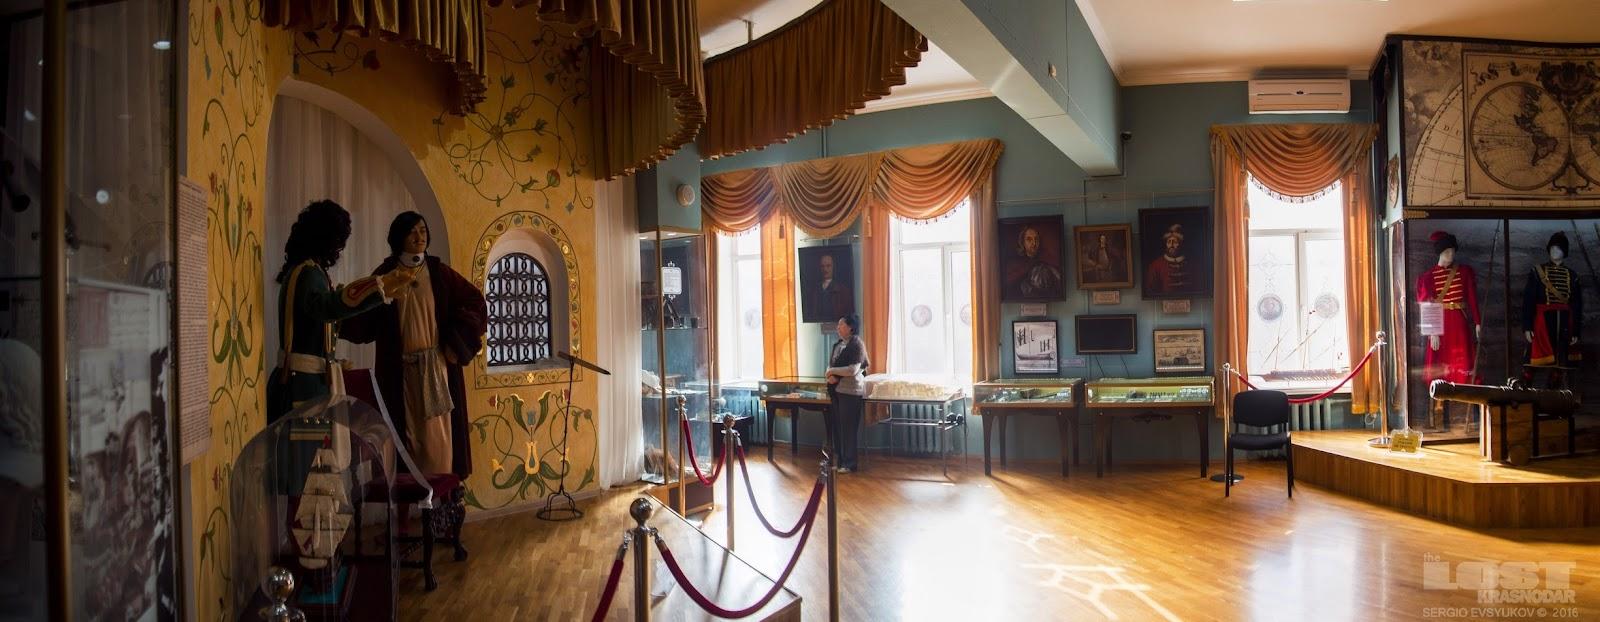 Музей в городе Азов